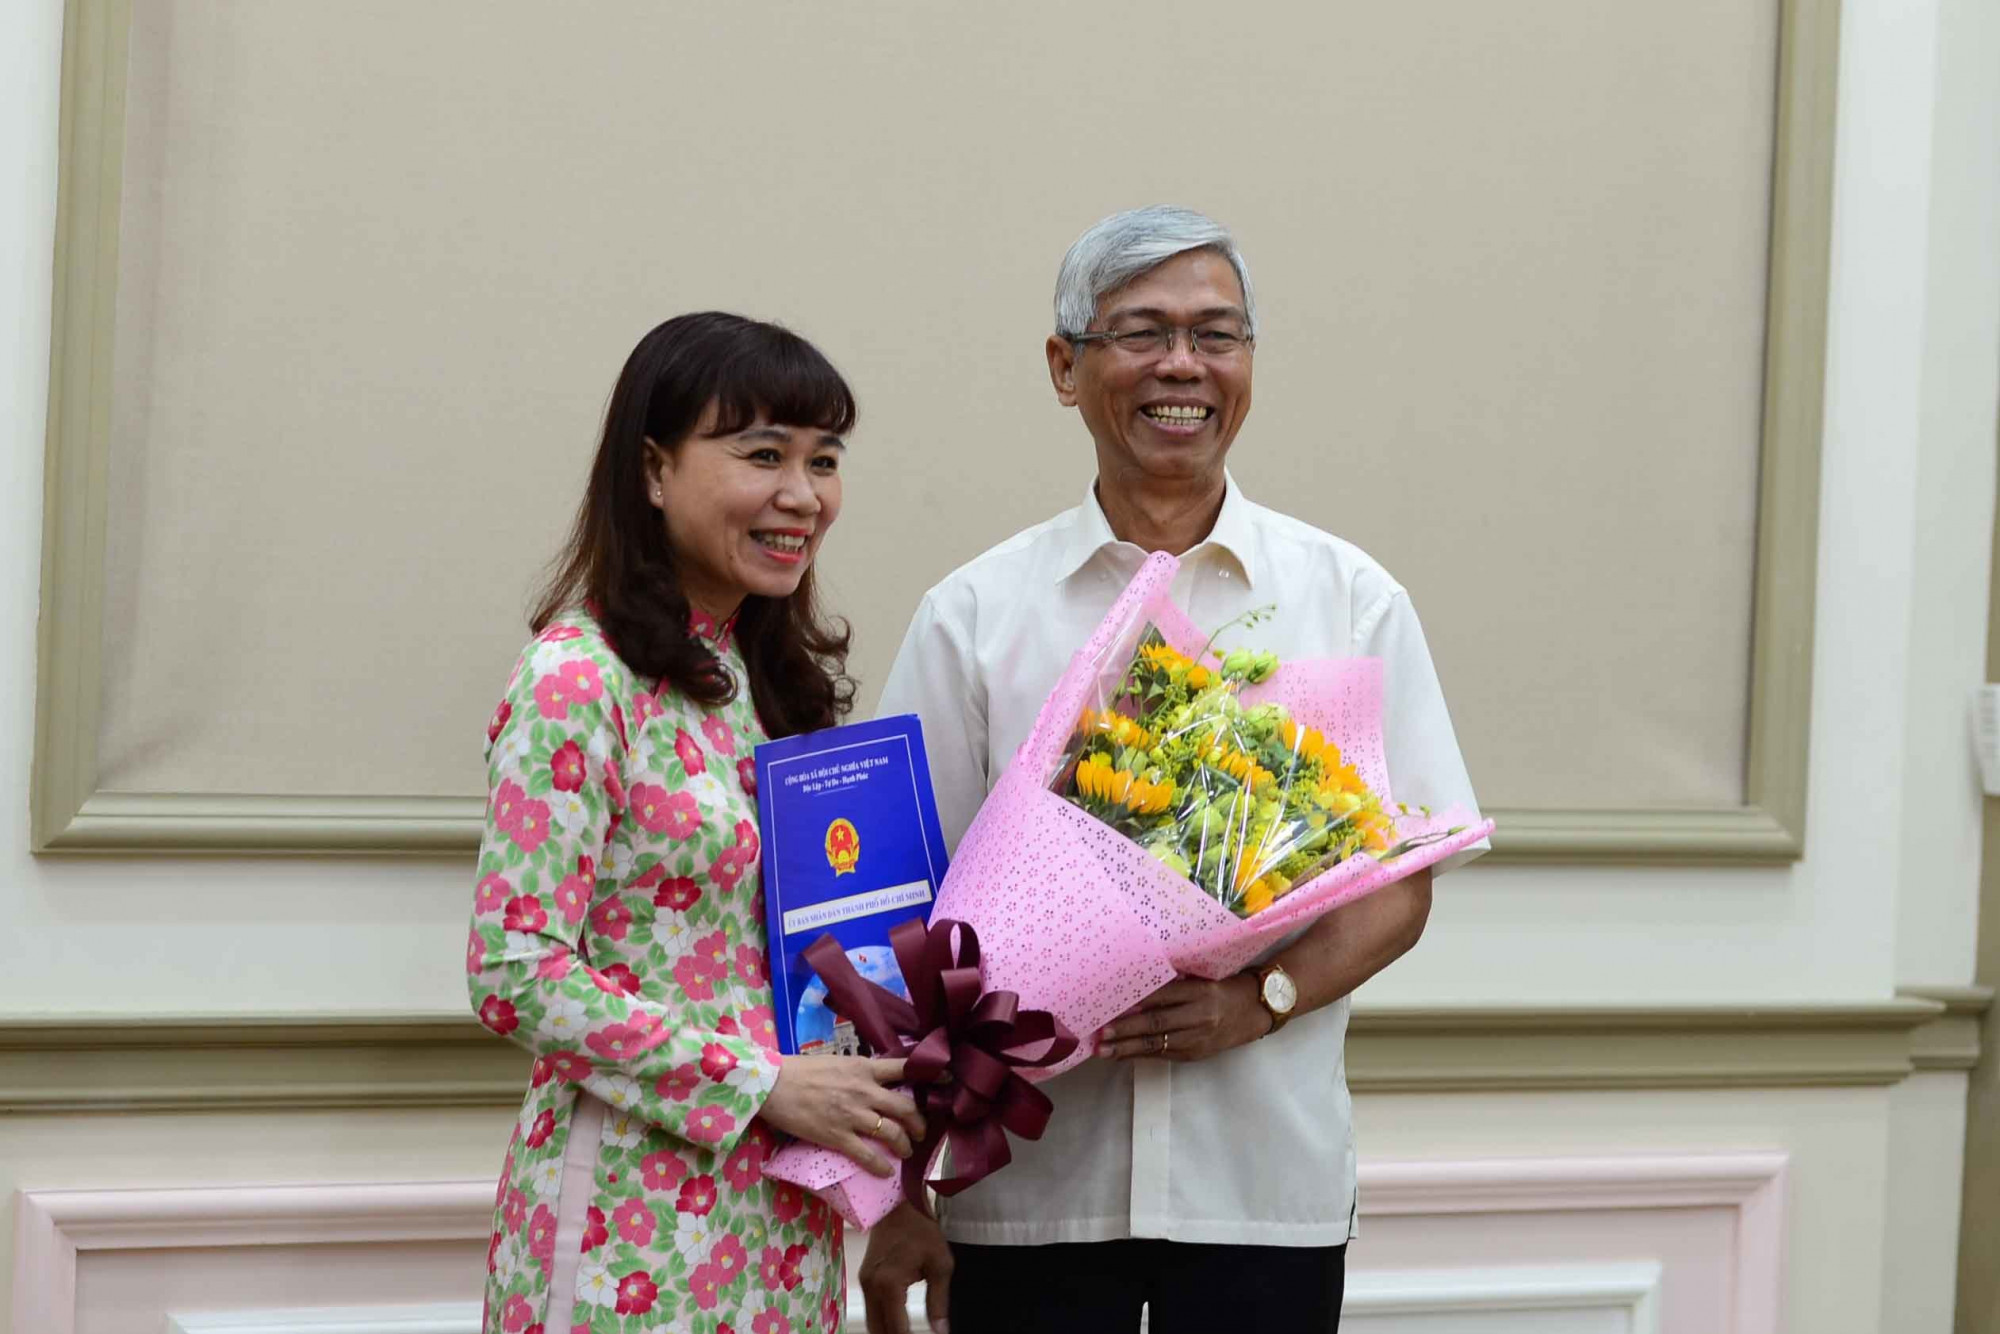 Phó chủ tịch UBND TP.HCM Võ Văn Hoan trao quyết định bổ nhiệm Phó chủ tịch UBND quận 2 cho bà Nguyễn Hồng Điệp. Ảnh: HV